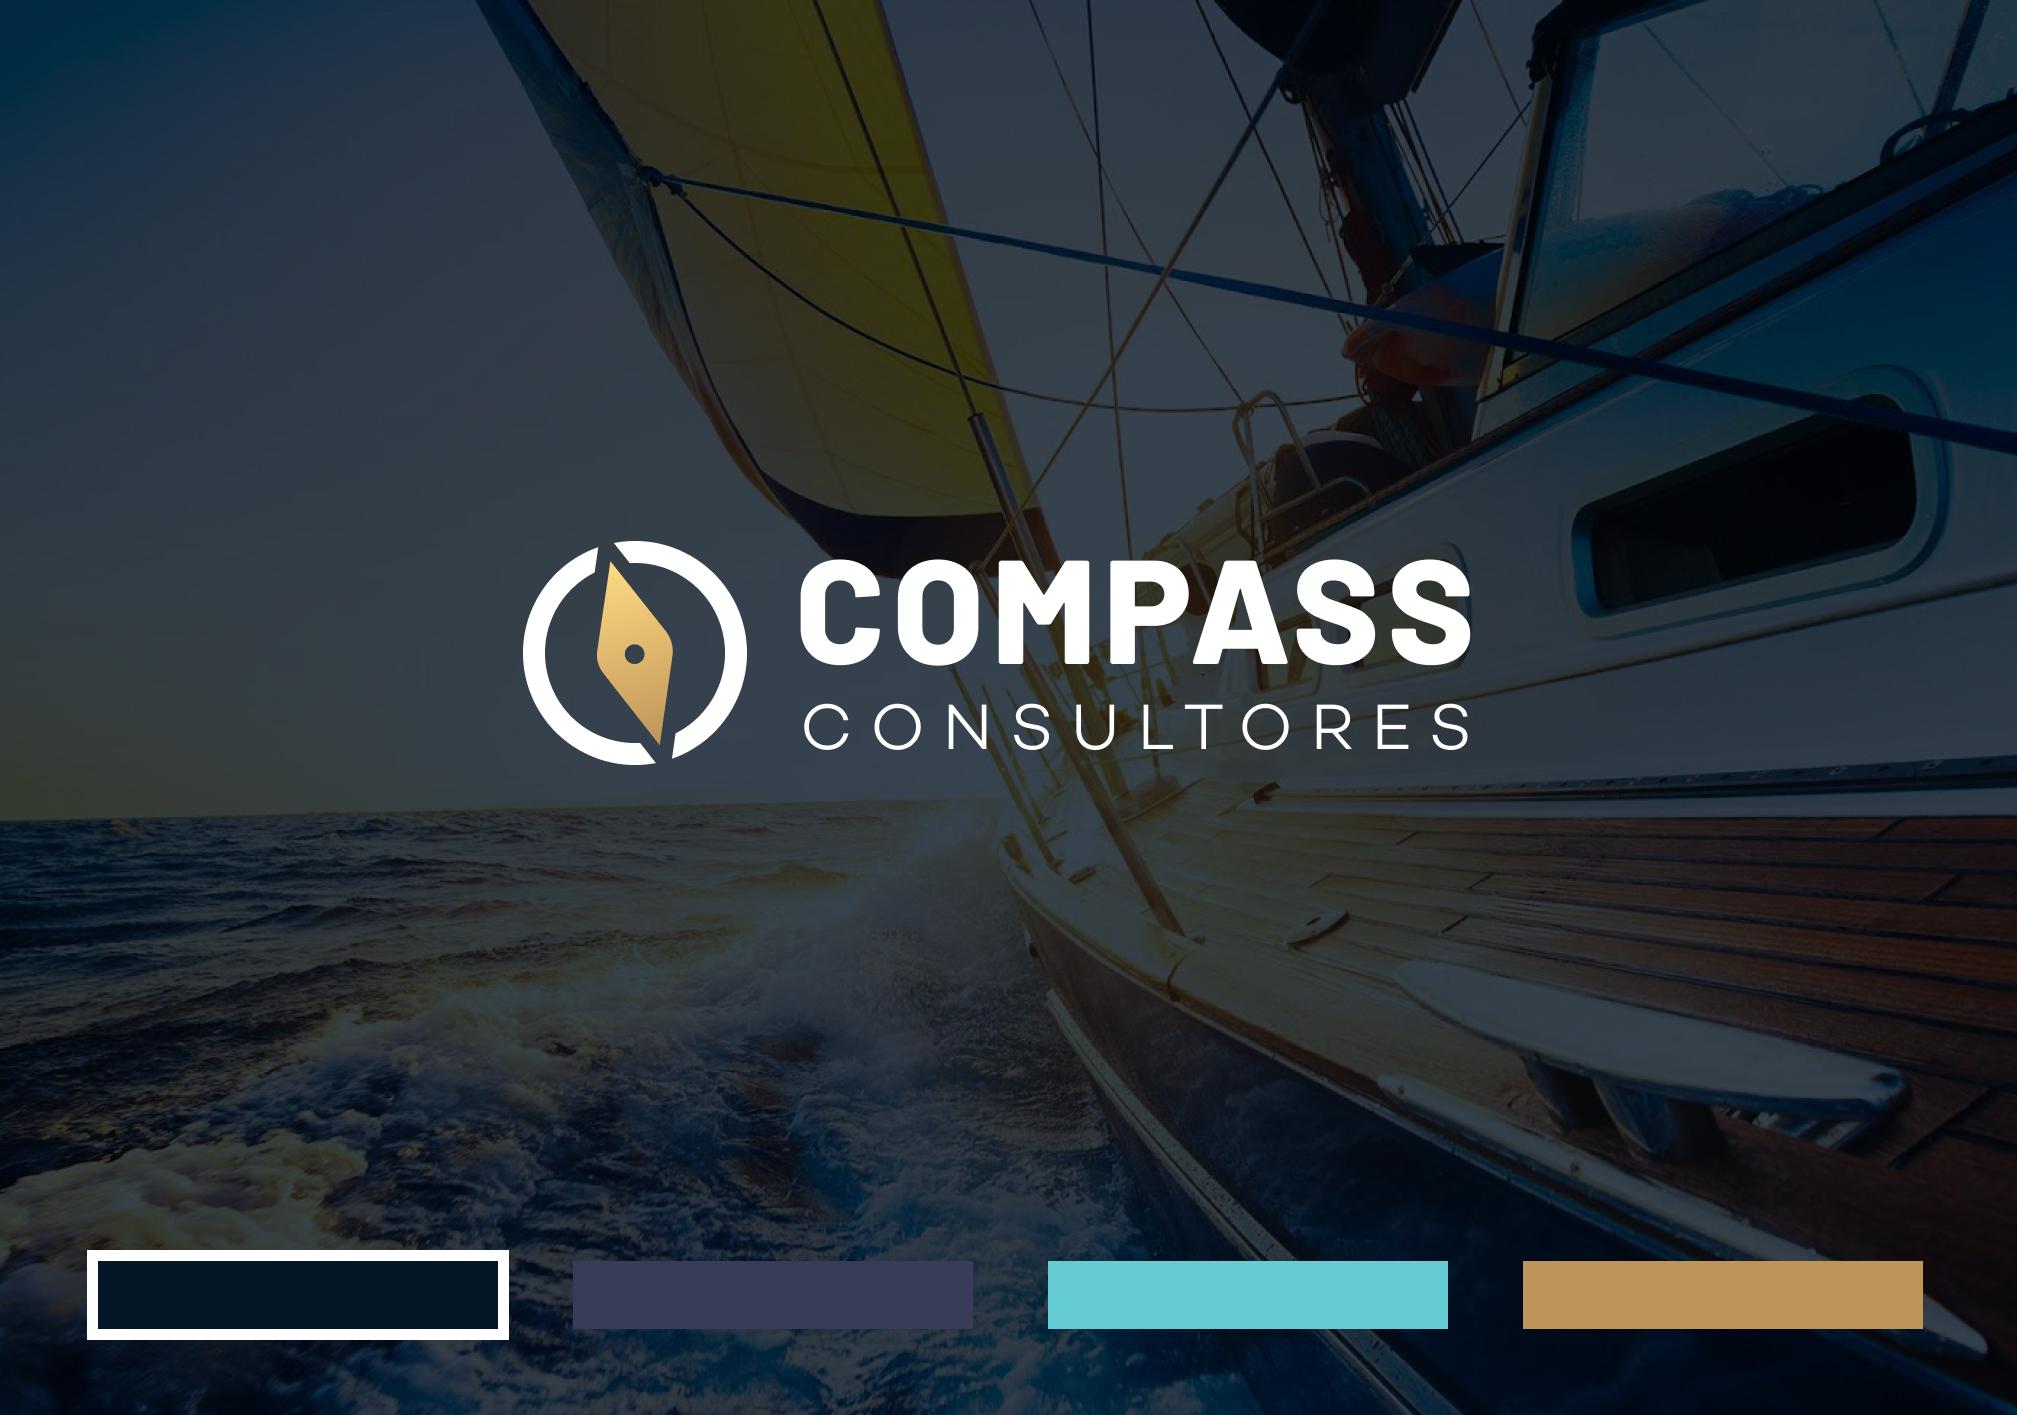 Compass Consultores - Paleta